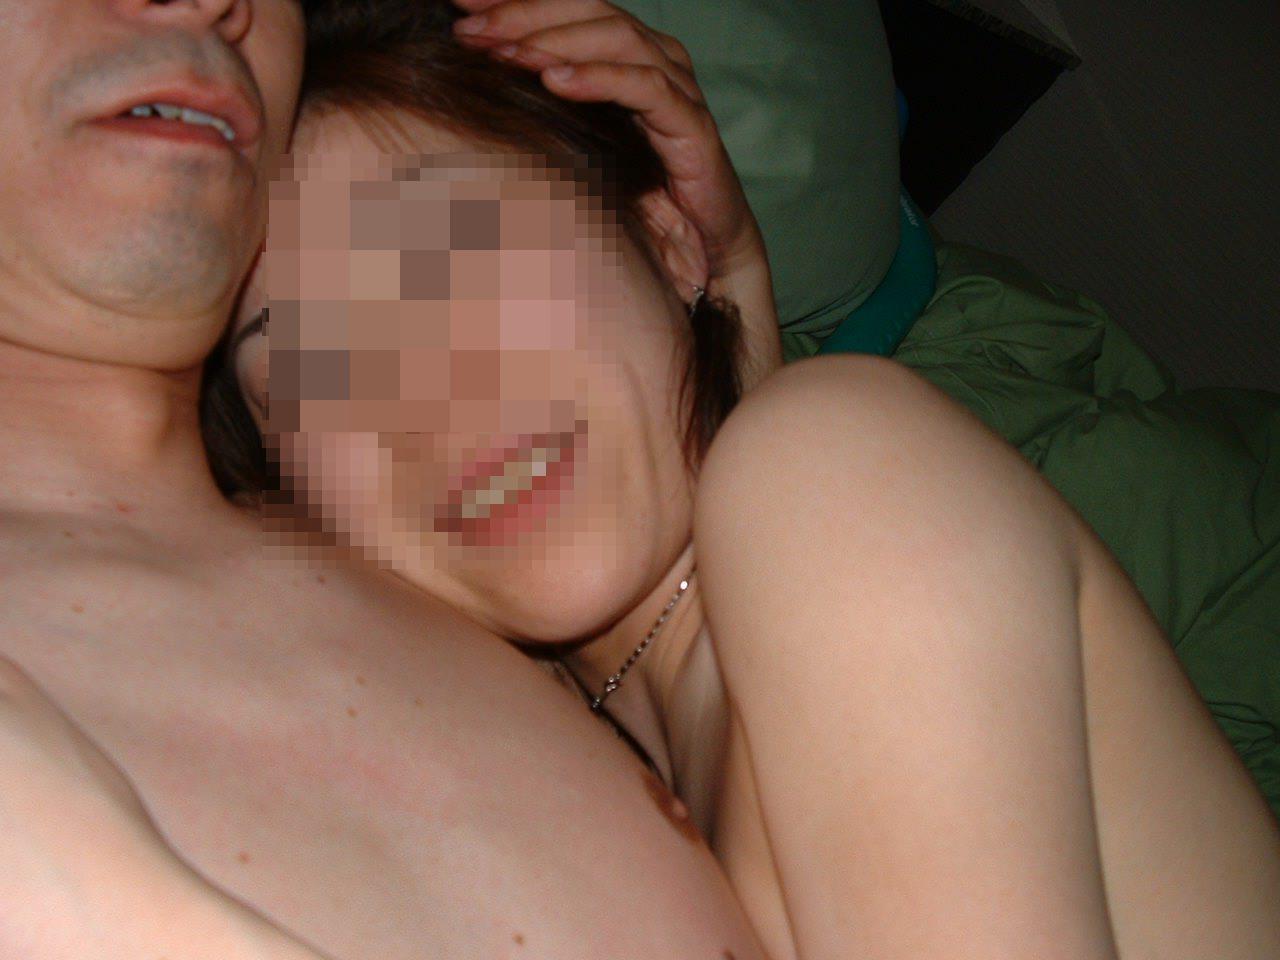 【人妻】ラブホで不倫する不貞の素人妻 画像31枚